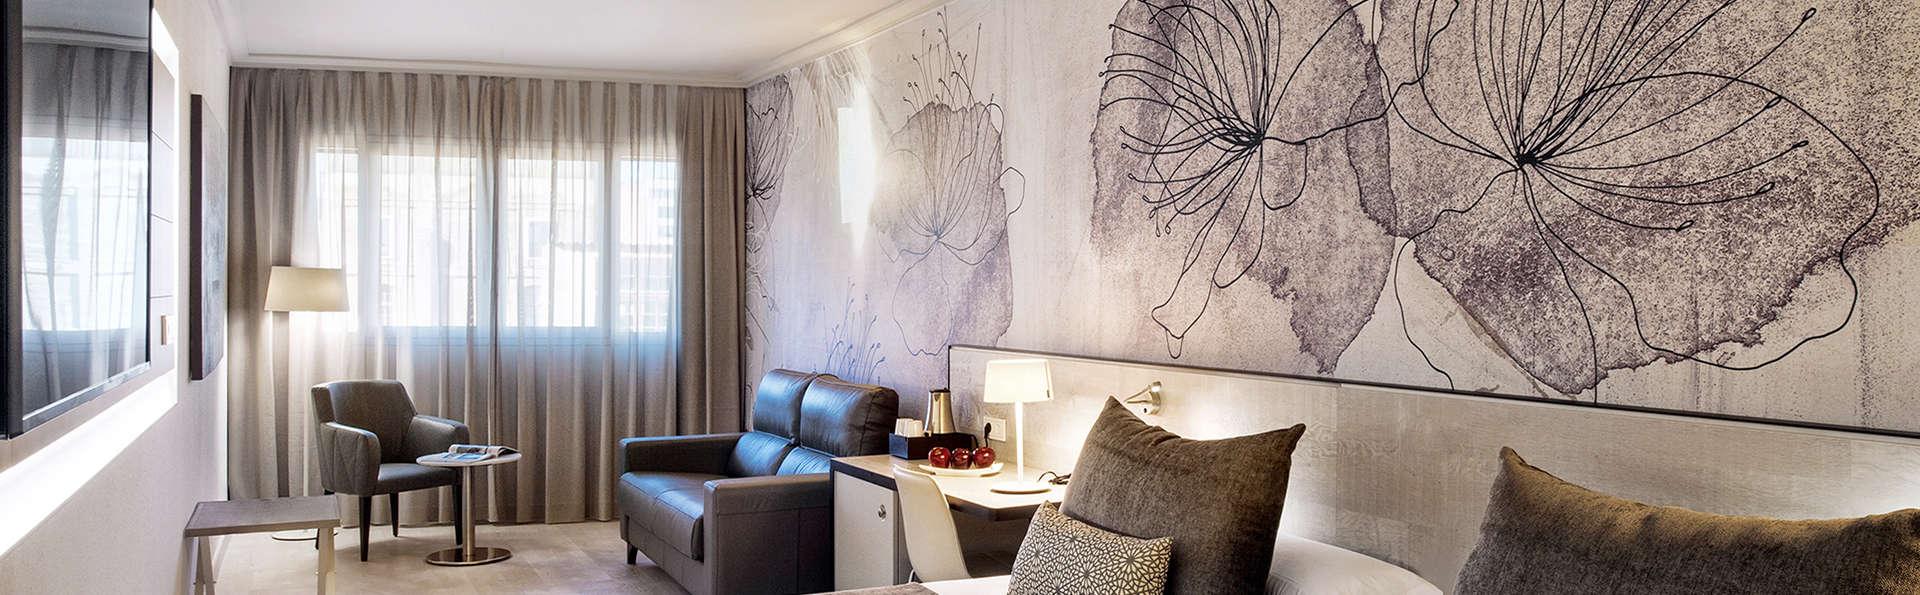 Sallés Hotel Pere IV - NUEVA_EDICION_Room2.jpg